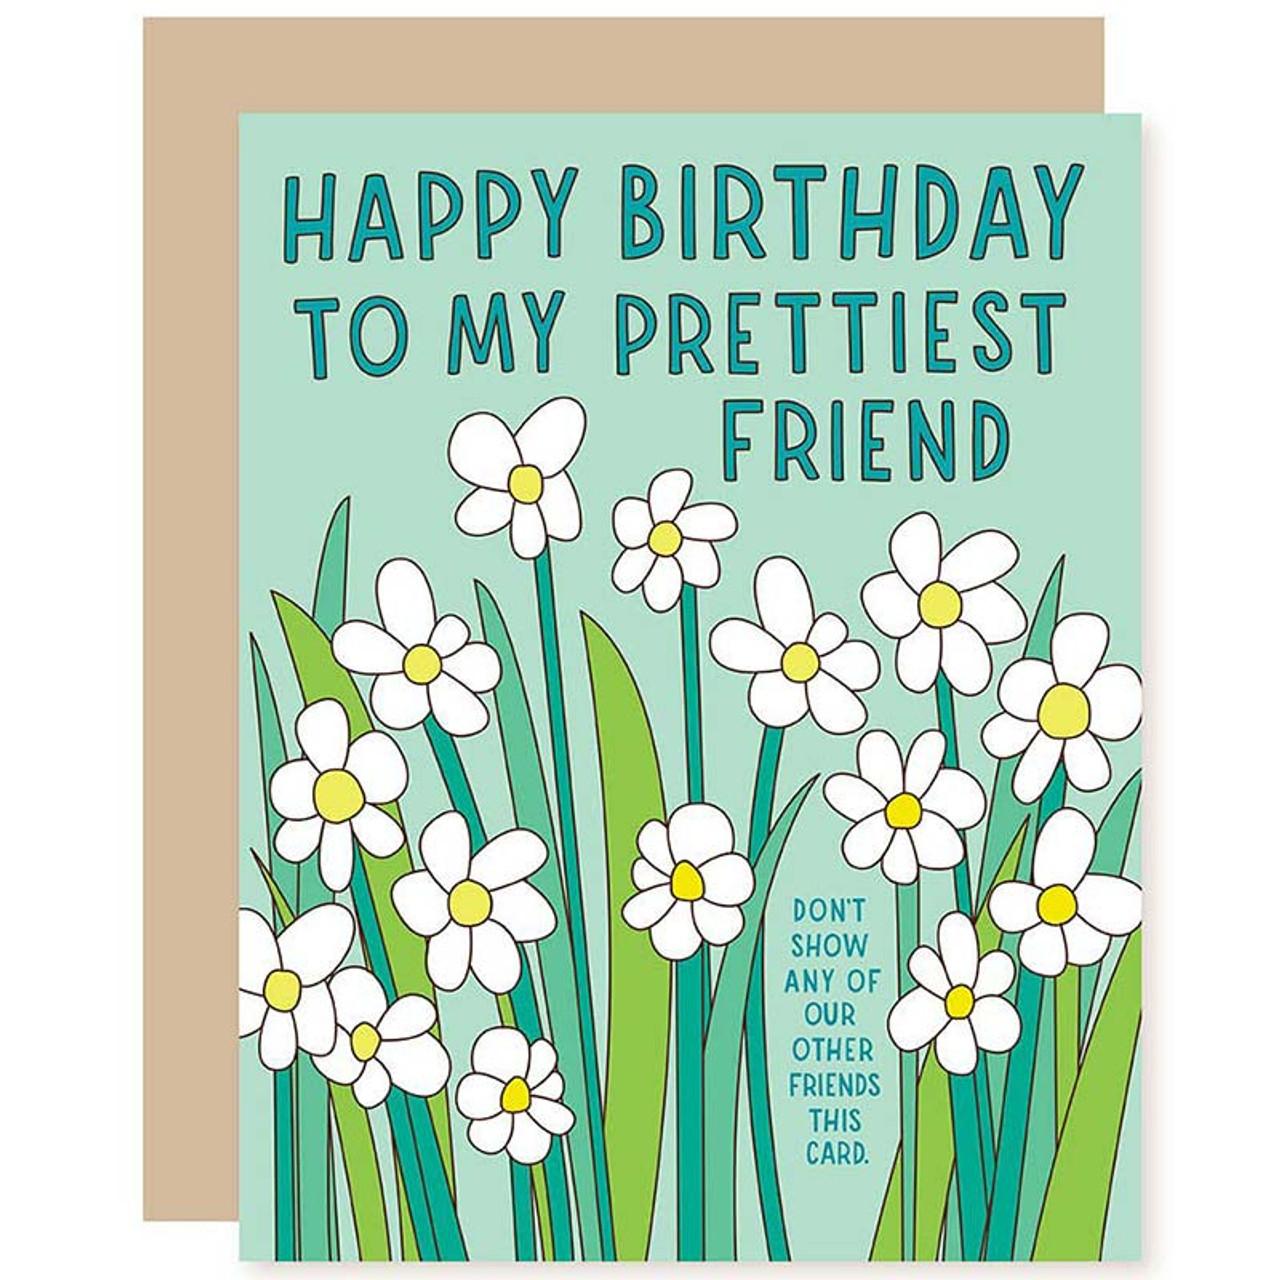 Happy Birthday To My Prettiest Friend Funny Birthday Cards